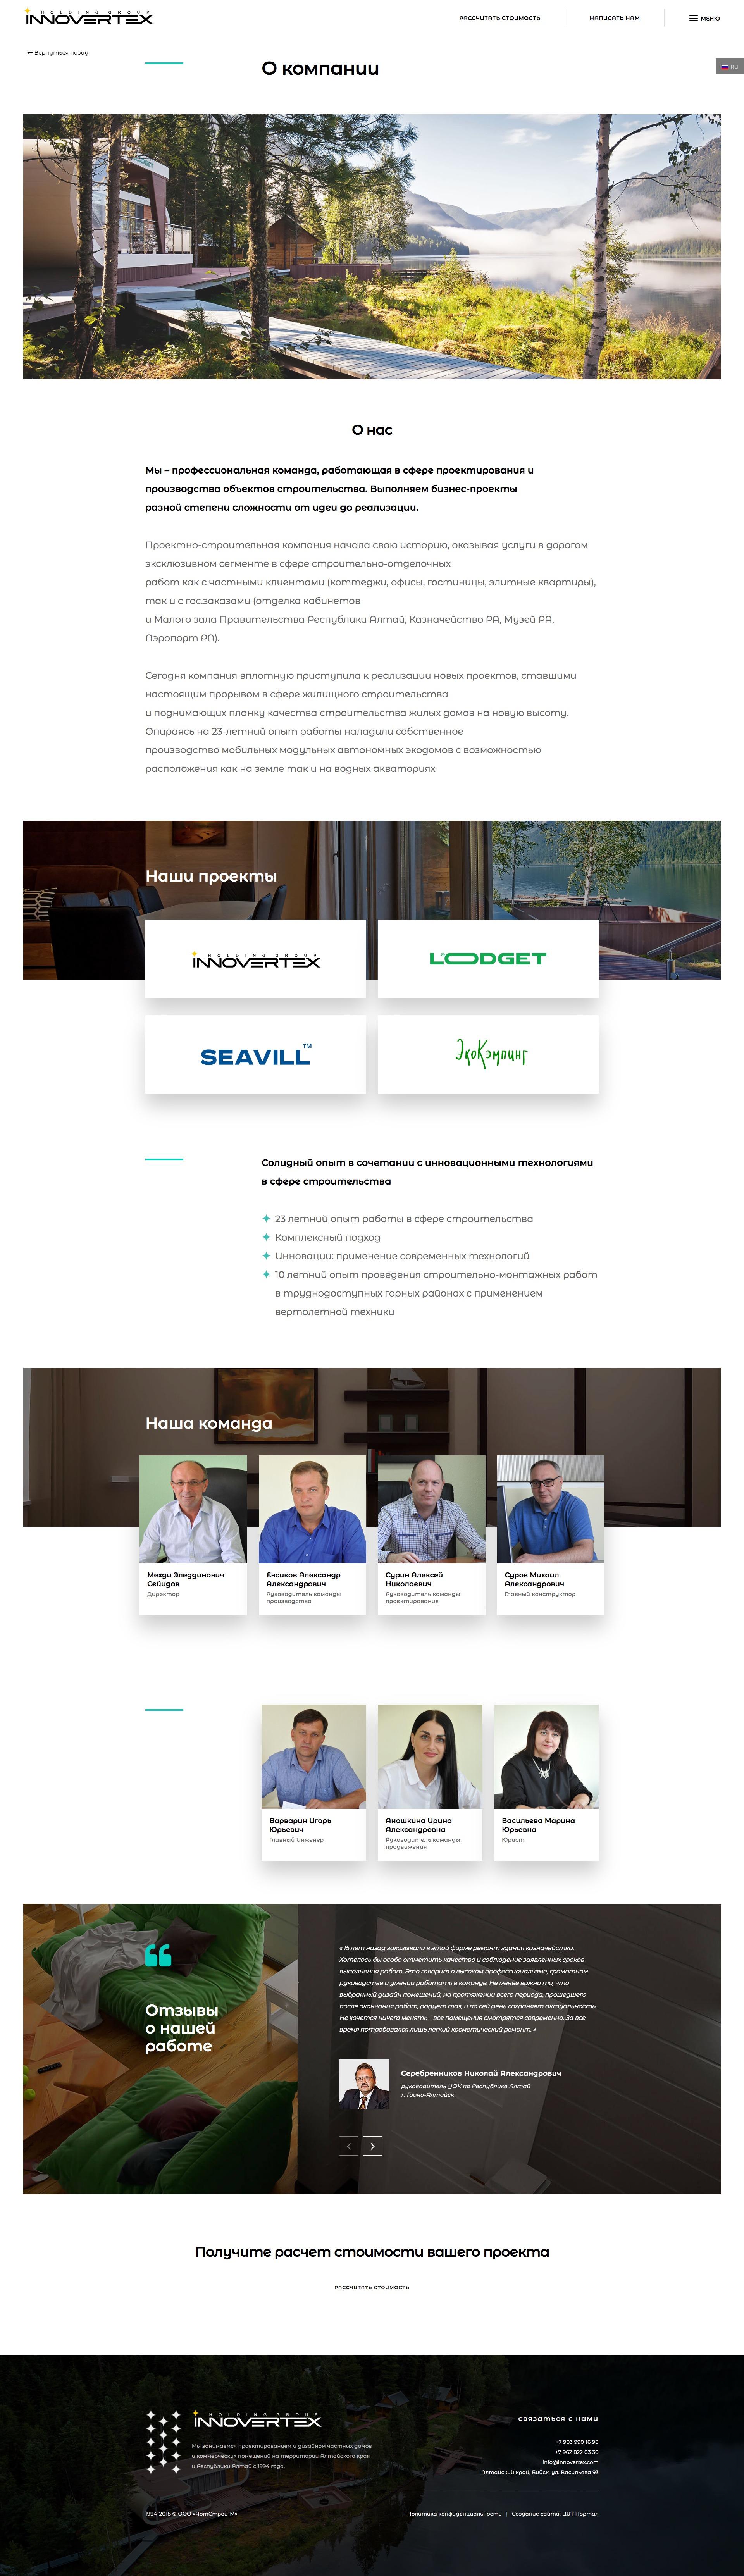 Разработка сайта архитектурно-строительного холдинга Innovertex - Страница О компании